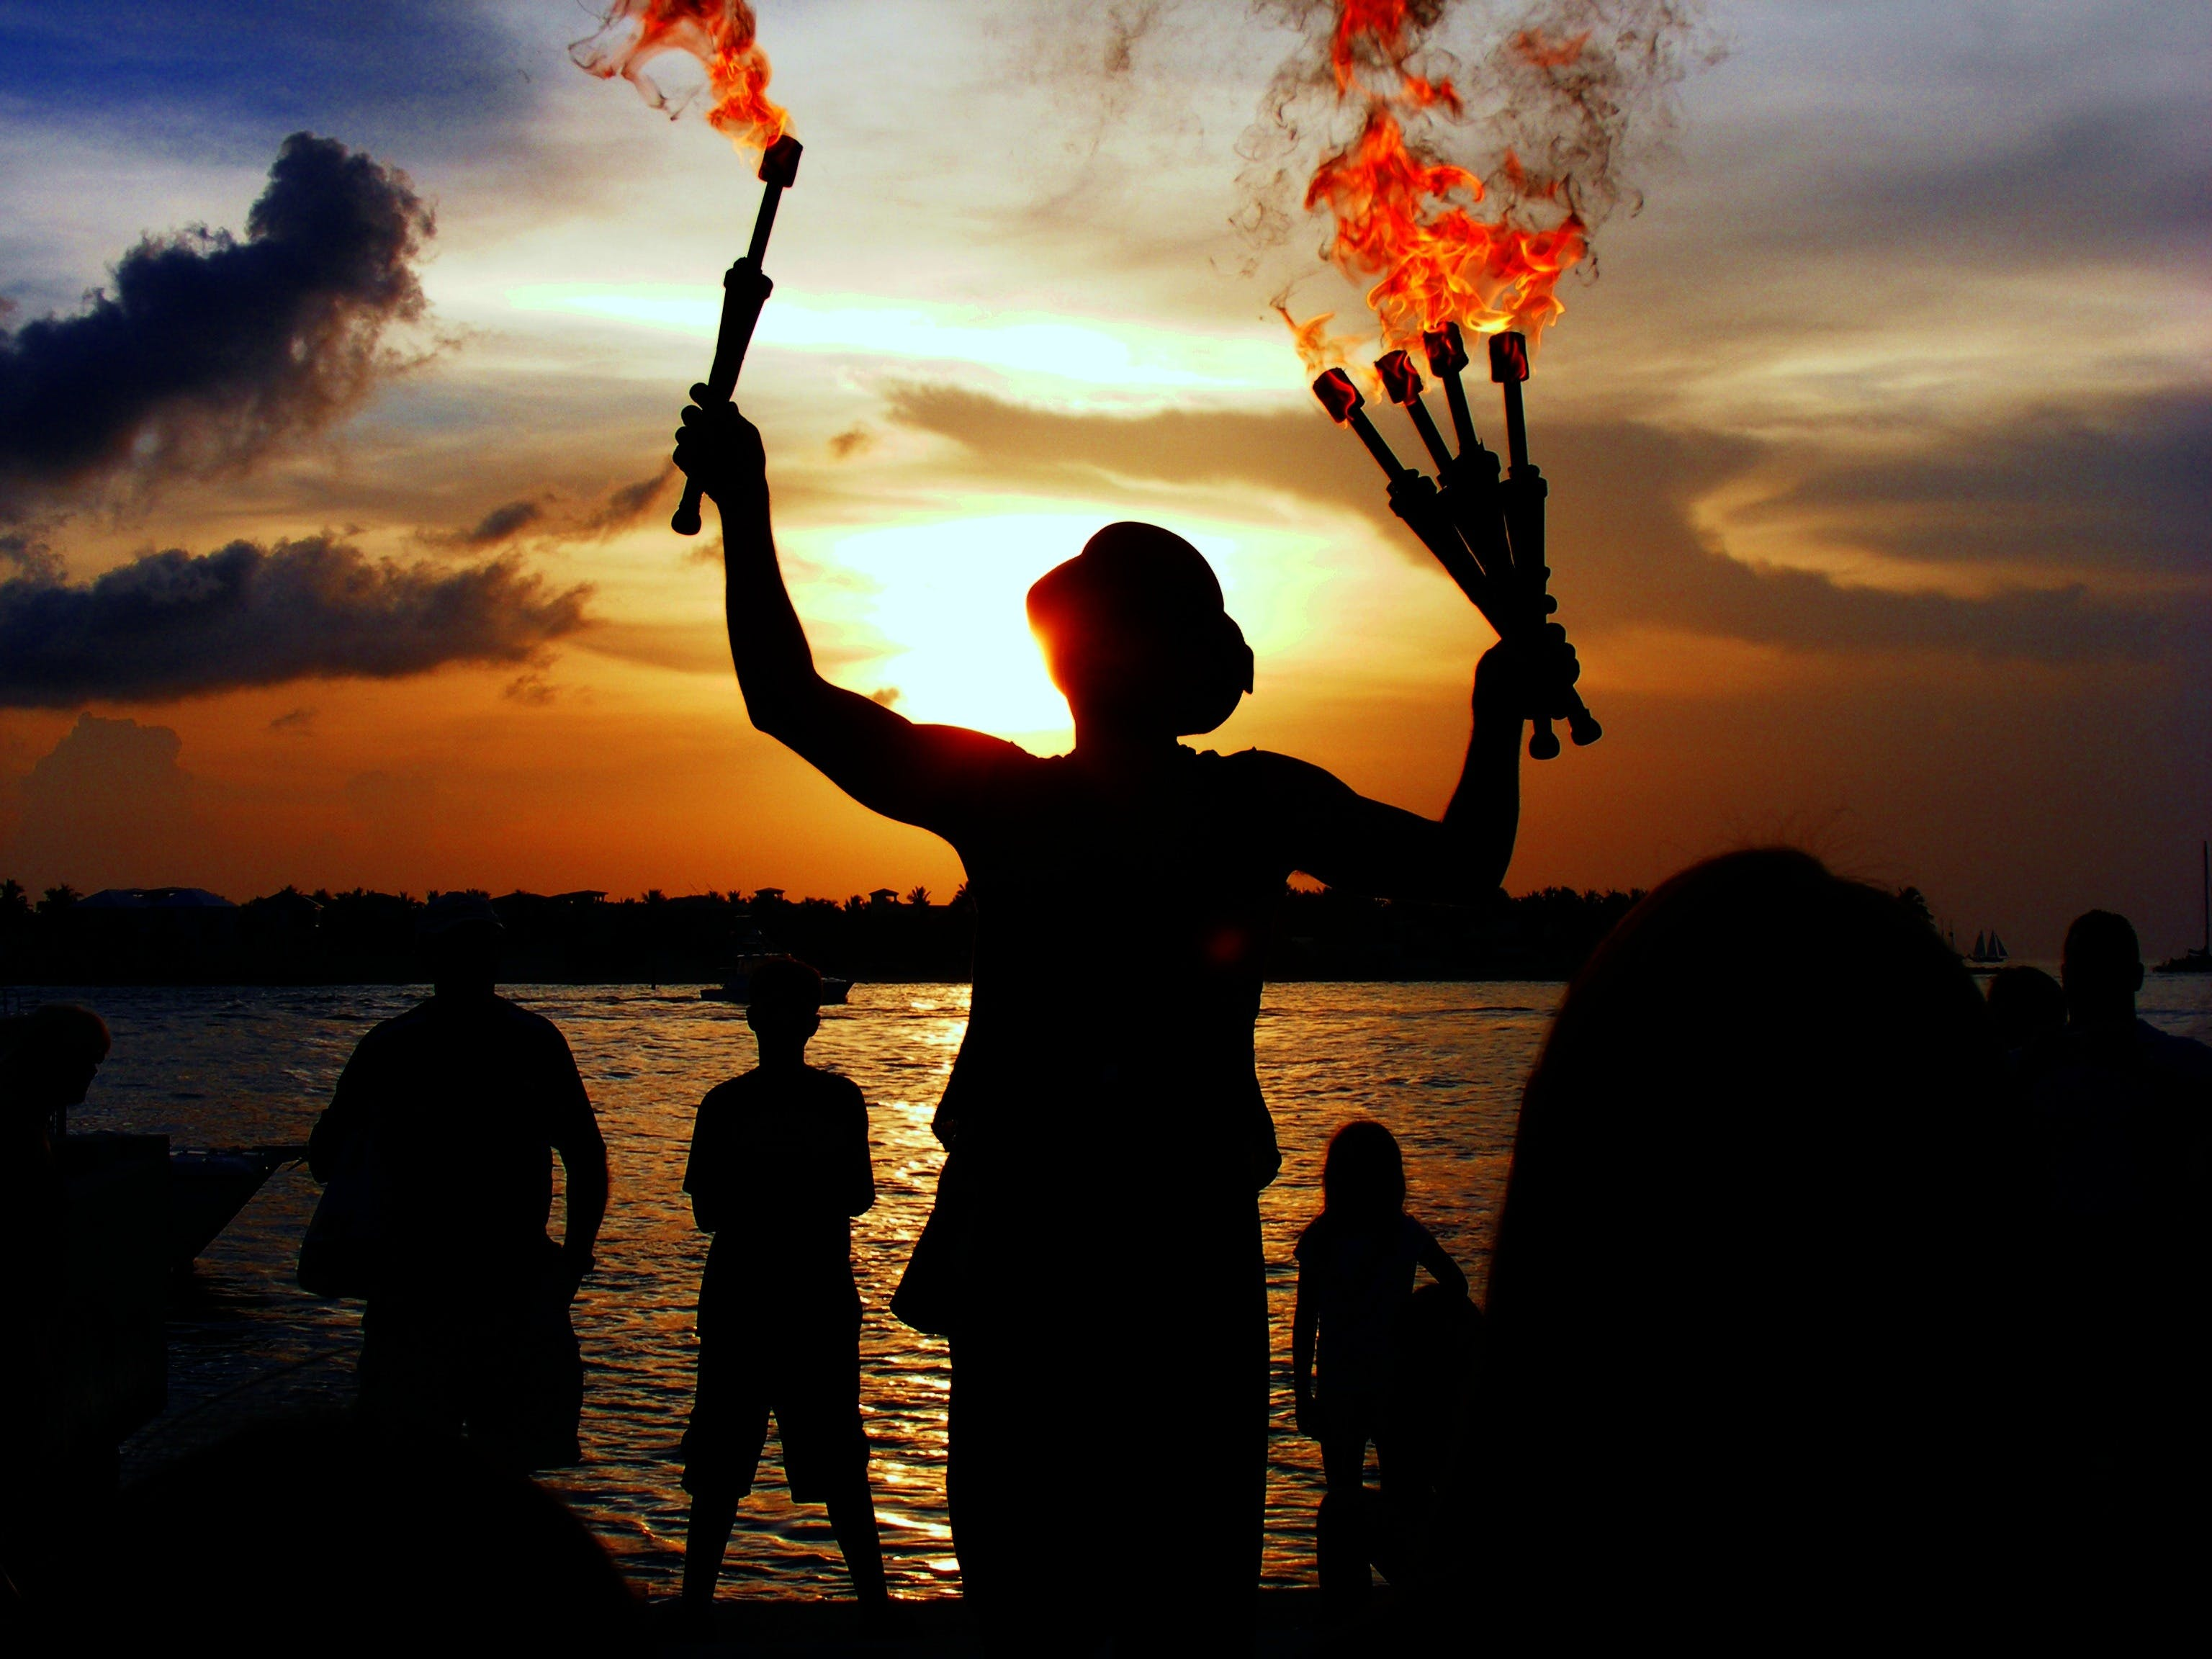 abend, feuer, jongleur